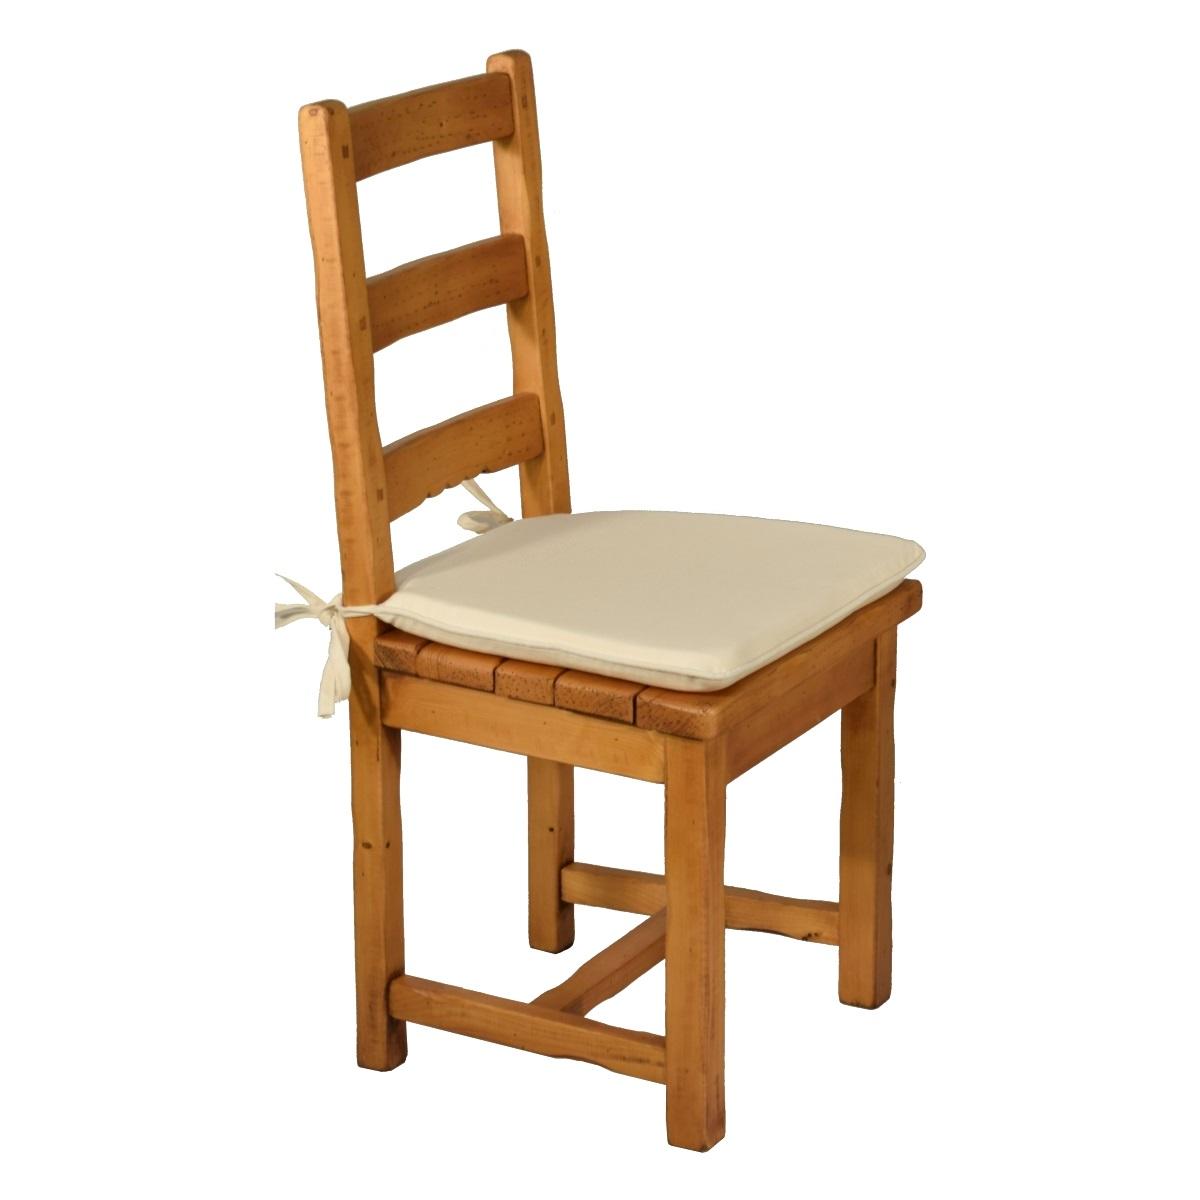 Silla r stica baja asiento madera ecor stico venta de - Sillas rusticas ...